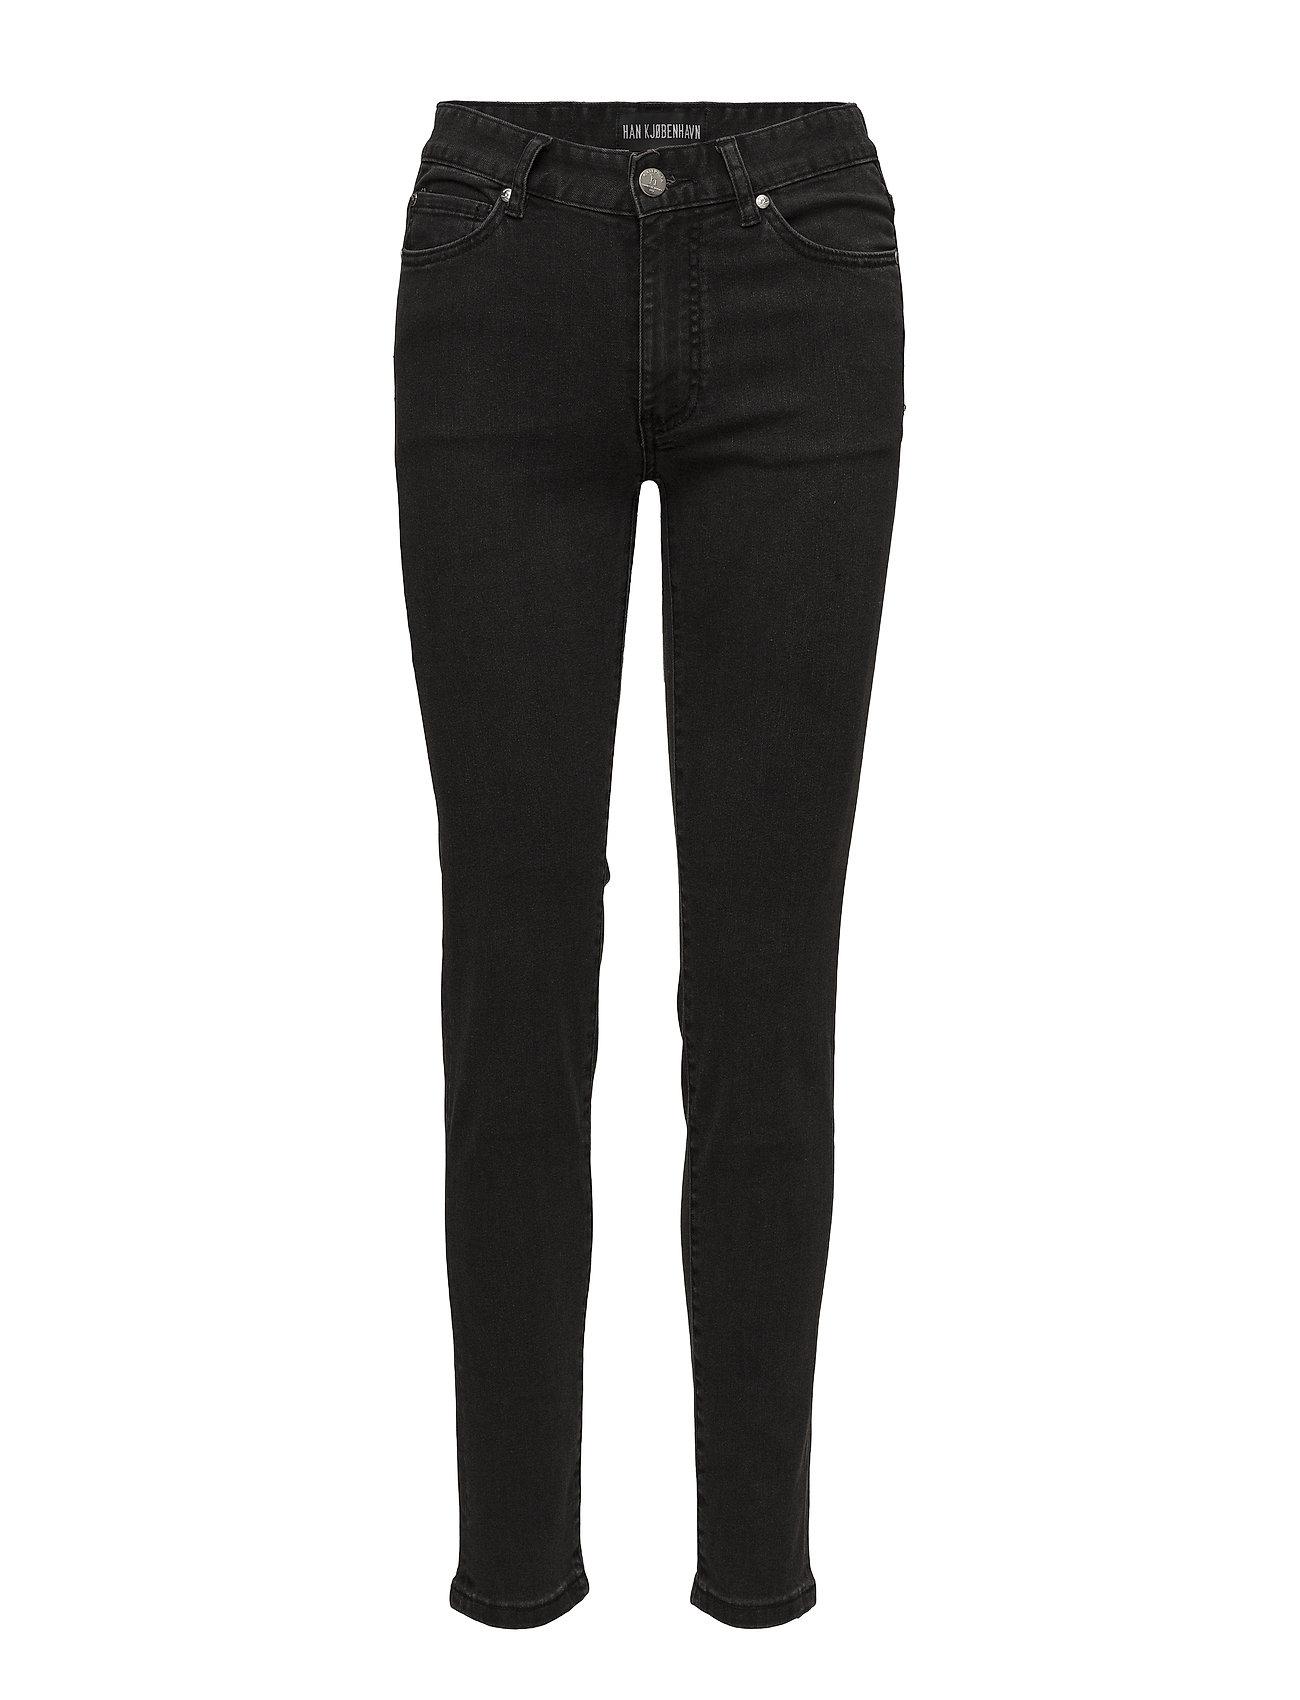 HAN Kjøbenhavn Skinny Jeans - BLACK STONE